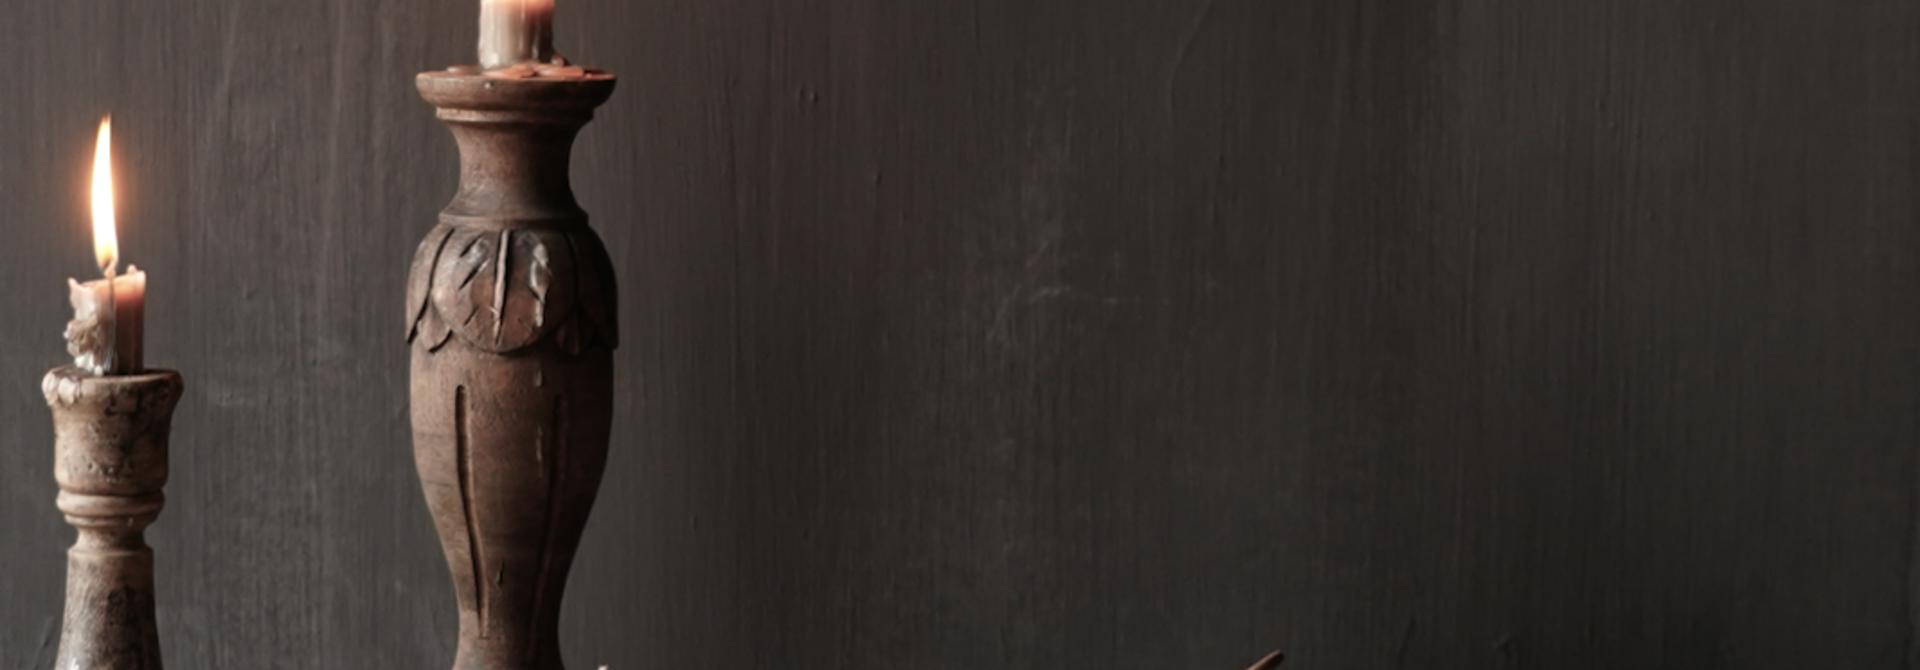 Große flache alte authentische Holzschale mit Deckel